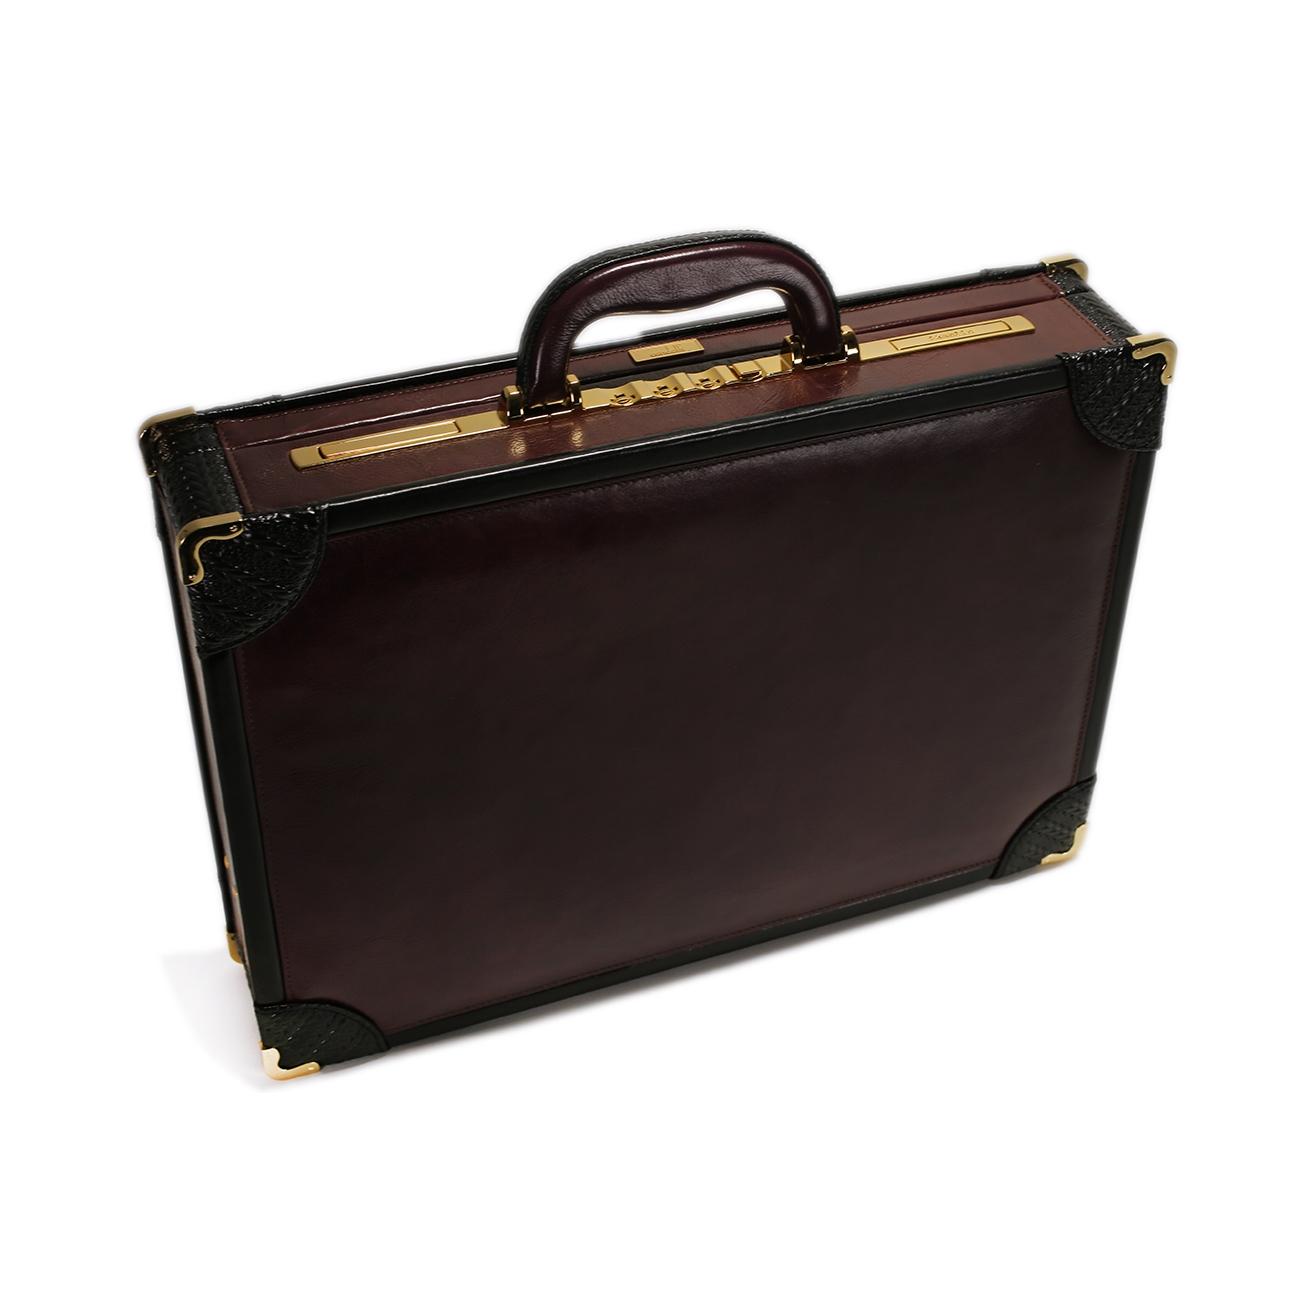 Leather Attache Case - CODE 131-0261